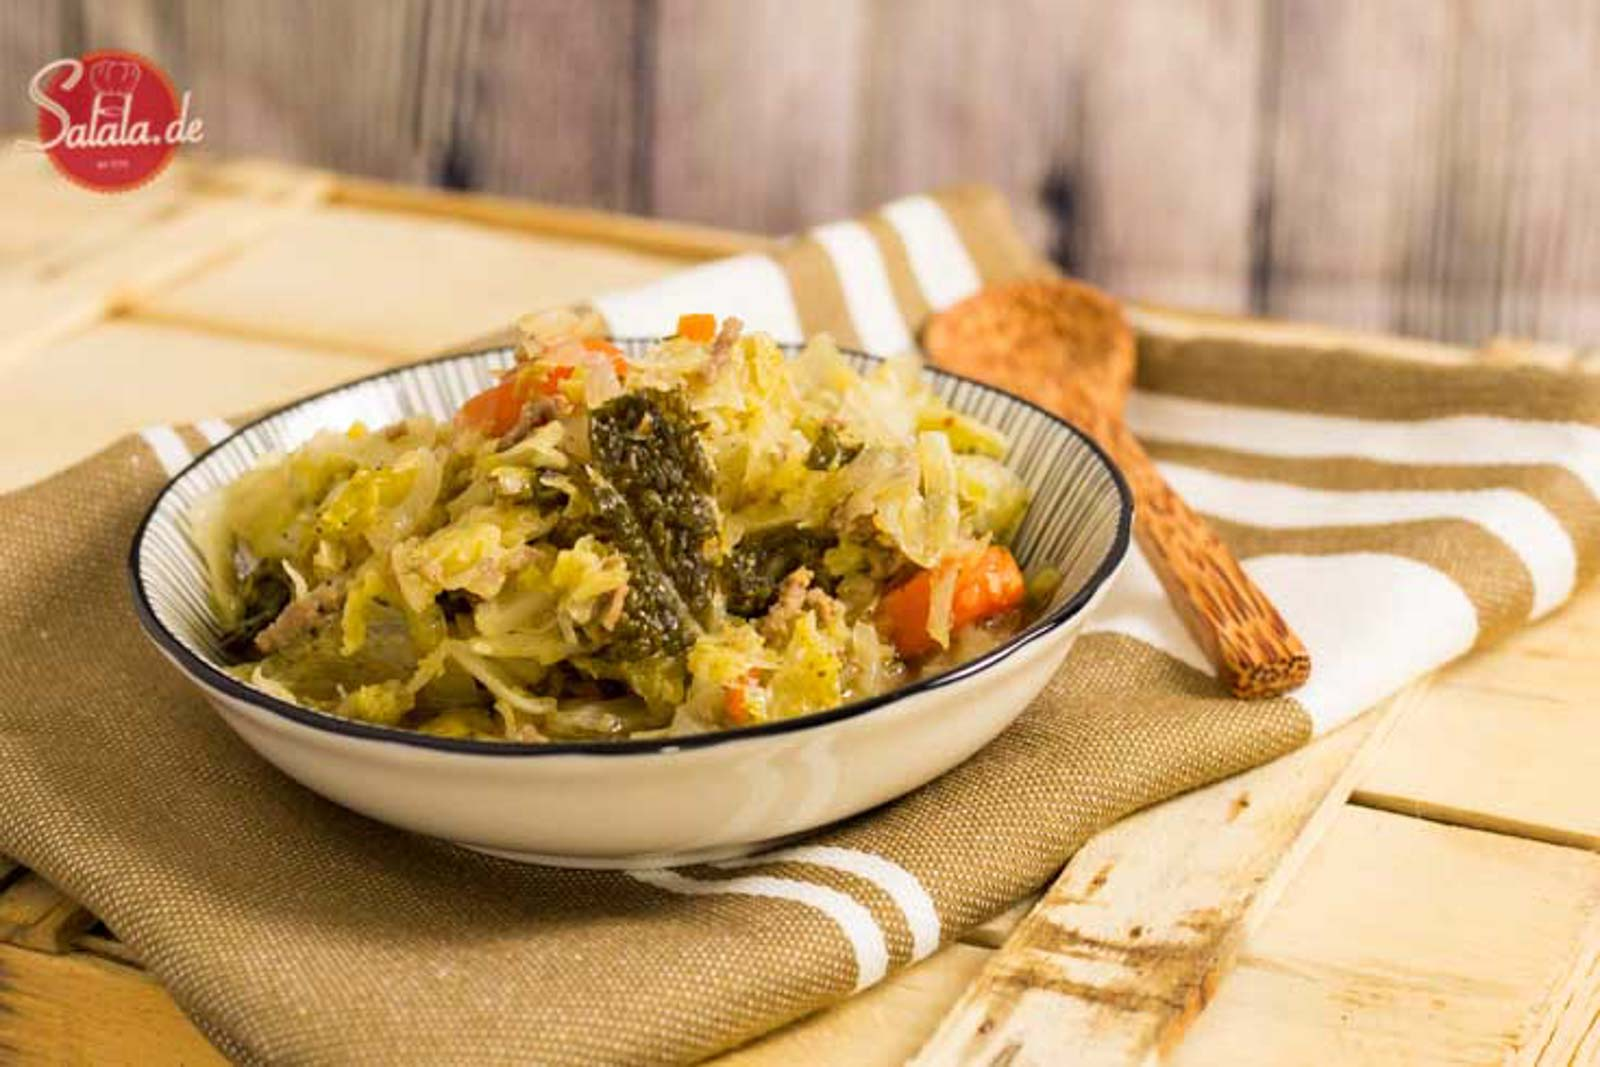 Low Carb Kohltopf zum vorkochen - by salala.de - Weißkohl Wirsing Speck Hackfleisch vorkochen vorbereiten glutenfrei ohne Kartoffeln Eintopf zuckerfrei Rezept